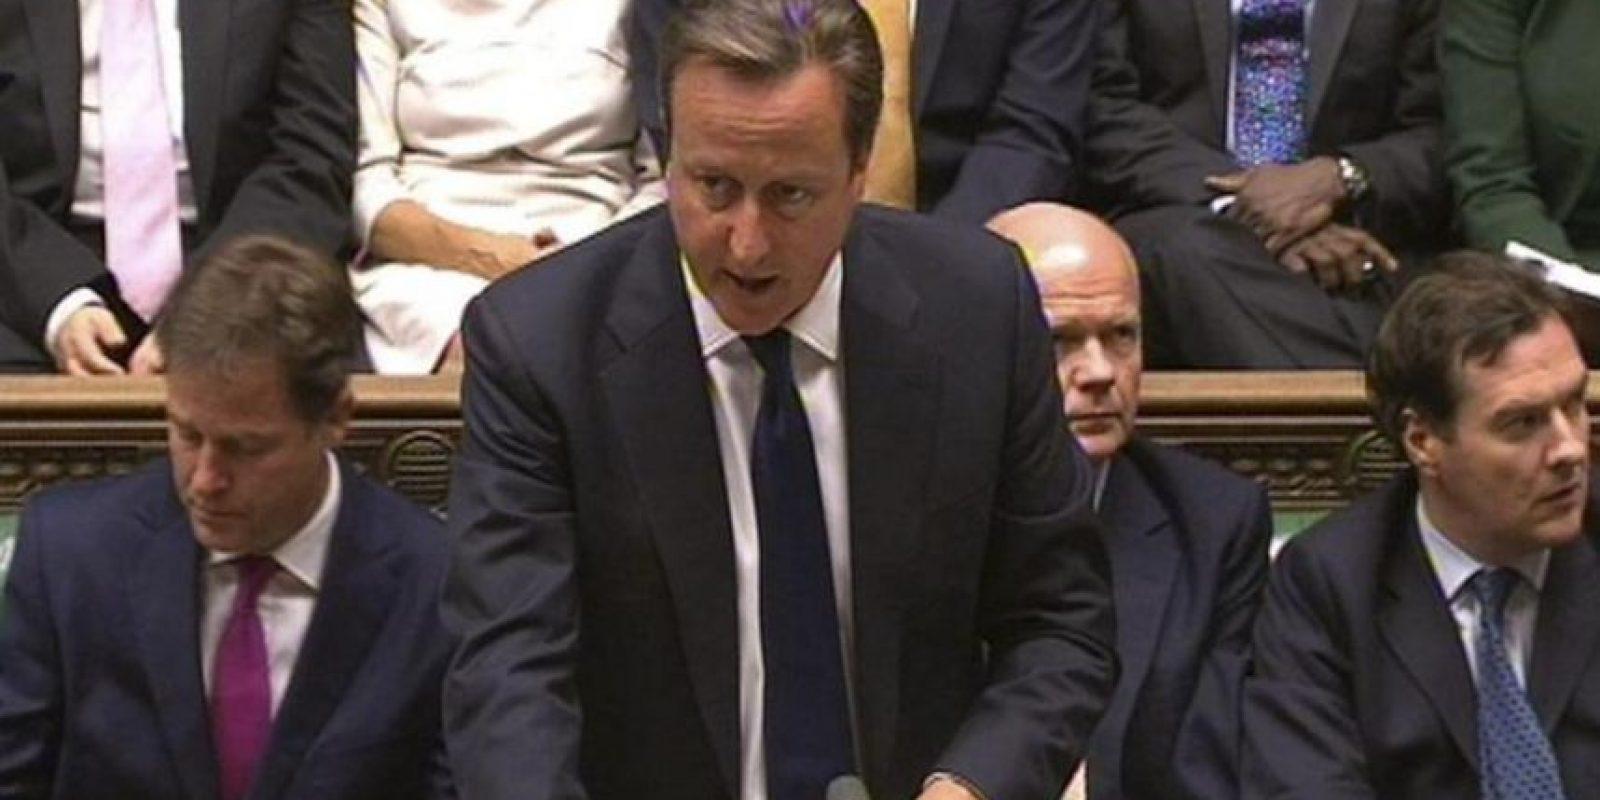 El primer ministro británico David Cameron interviene durante un debate sobre Siria en la Cámara de los Comunes, Londres, Reino Unido. EFE